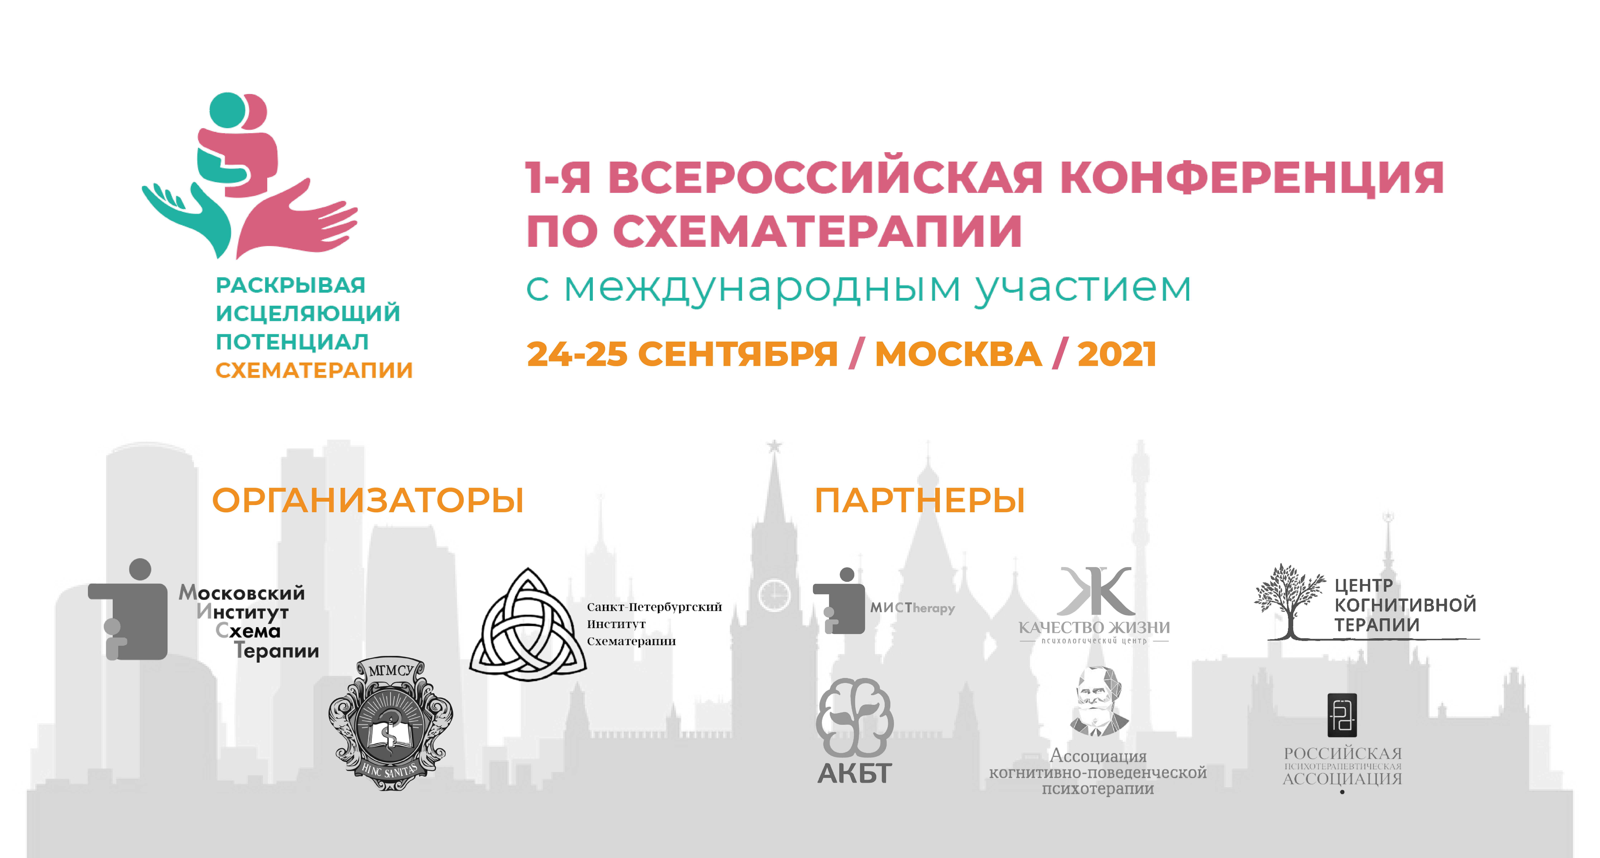 Первая Всероссийская конференция по Схематерапии с международным участием!